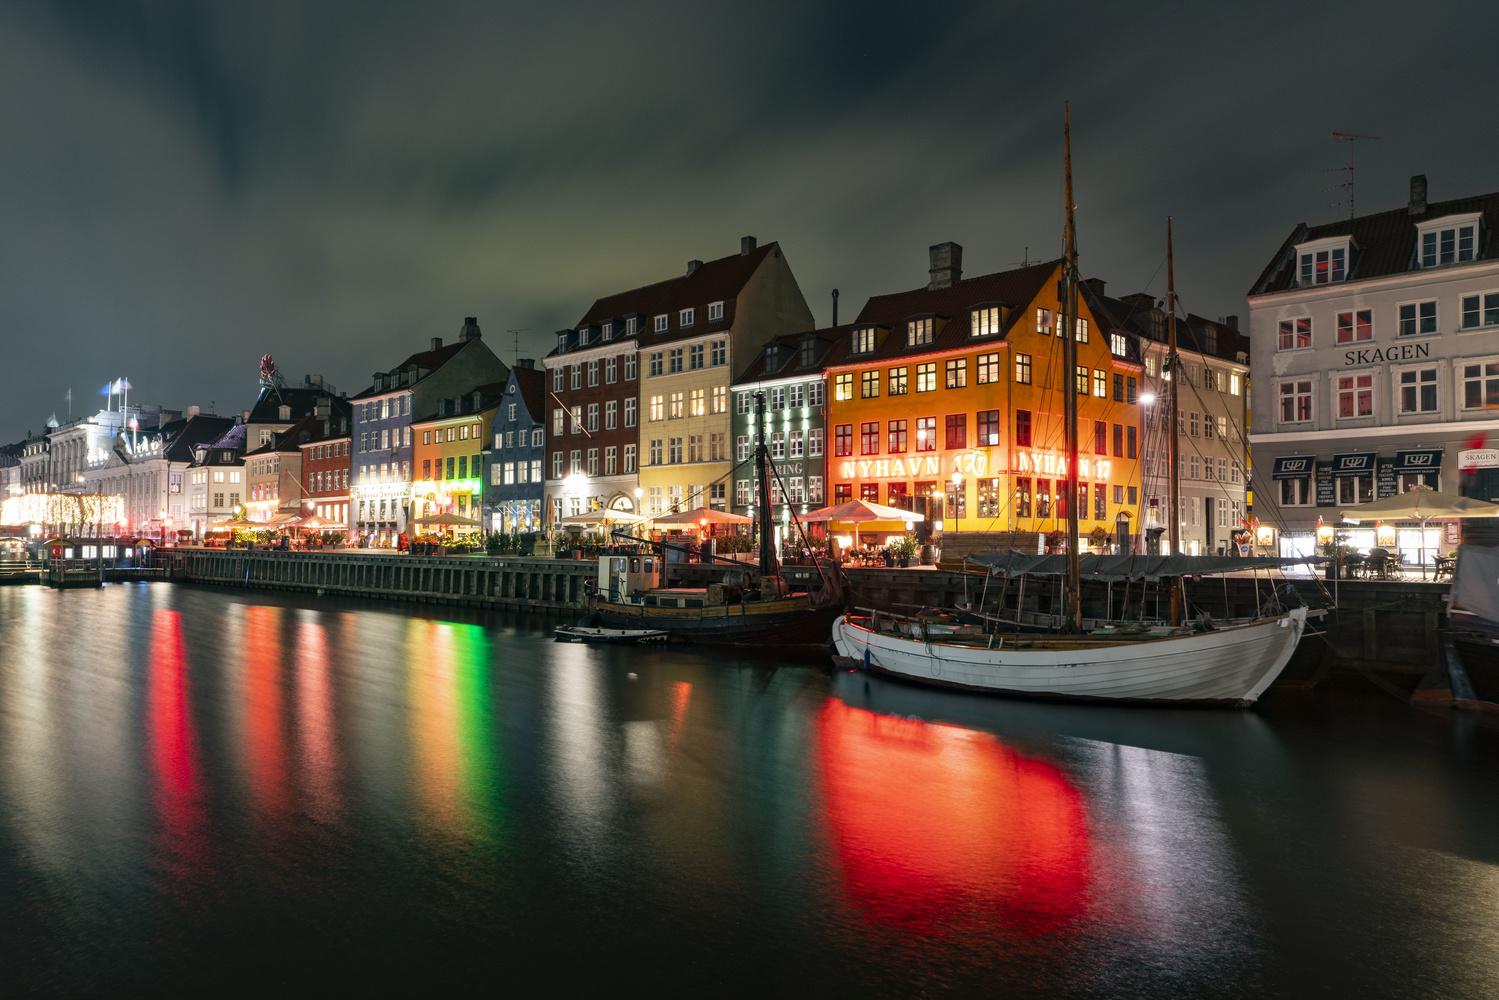 Copenhagen at Night by Sam Kilman